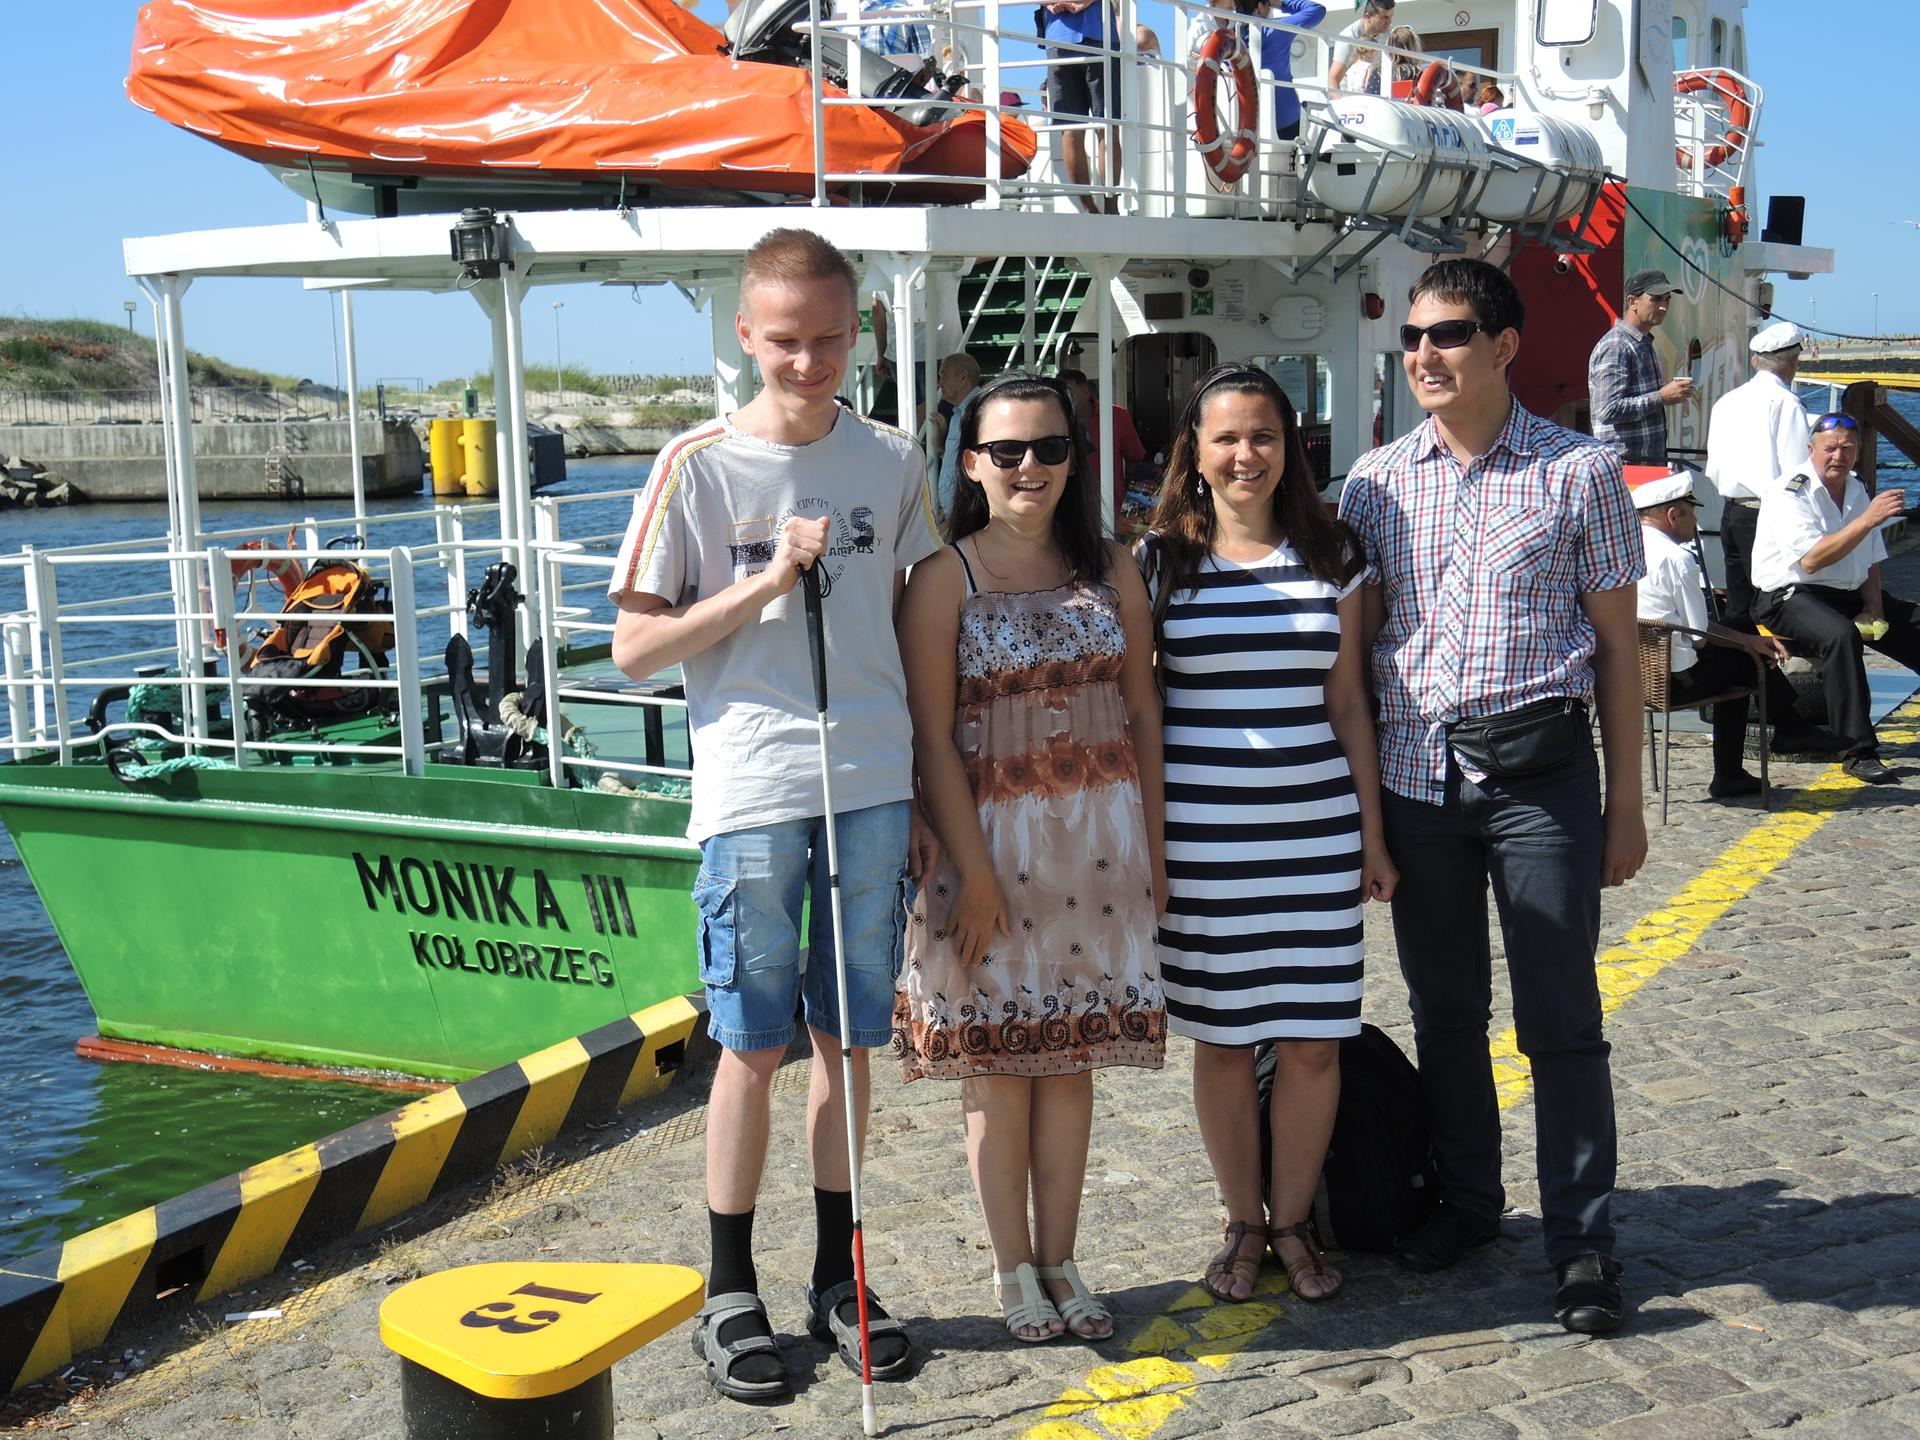 Cztery osoby (dwóch mężczyzn dwie kobiety) stoją na tle statku Monika III. Uśmiechają się.